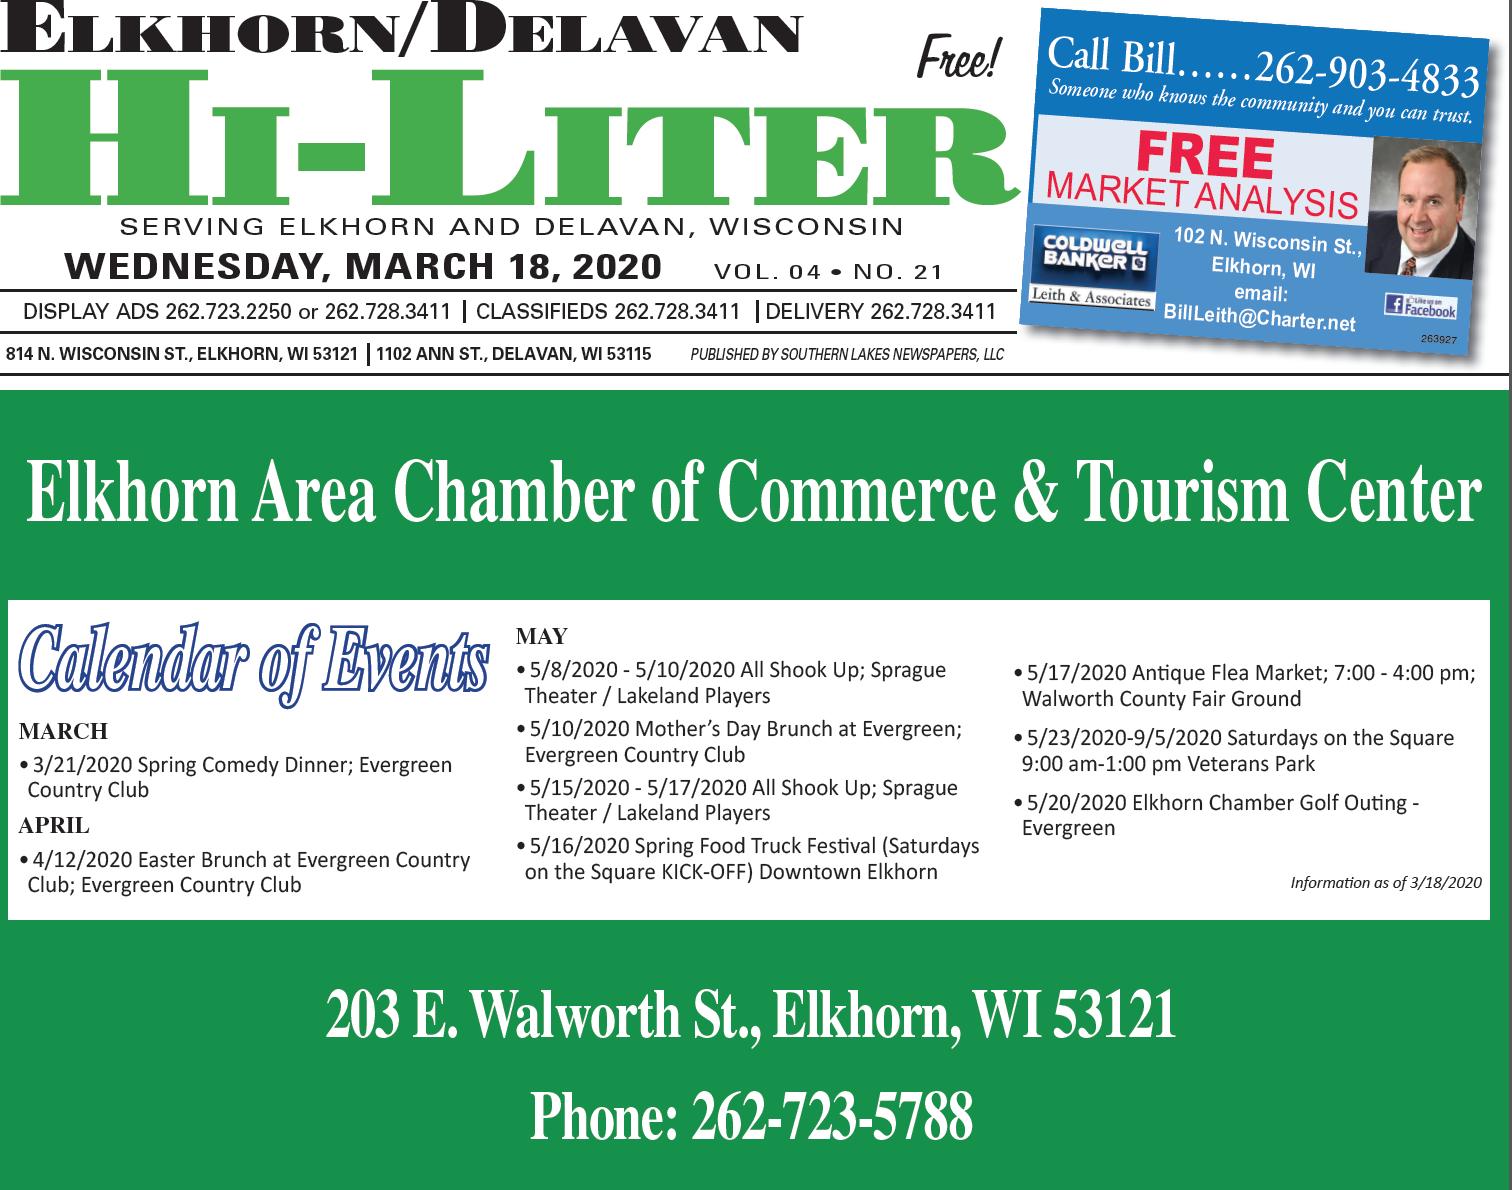 Elkhorn/Delavan HiLiter for 3/18/2020